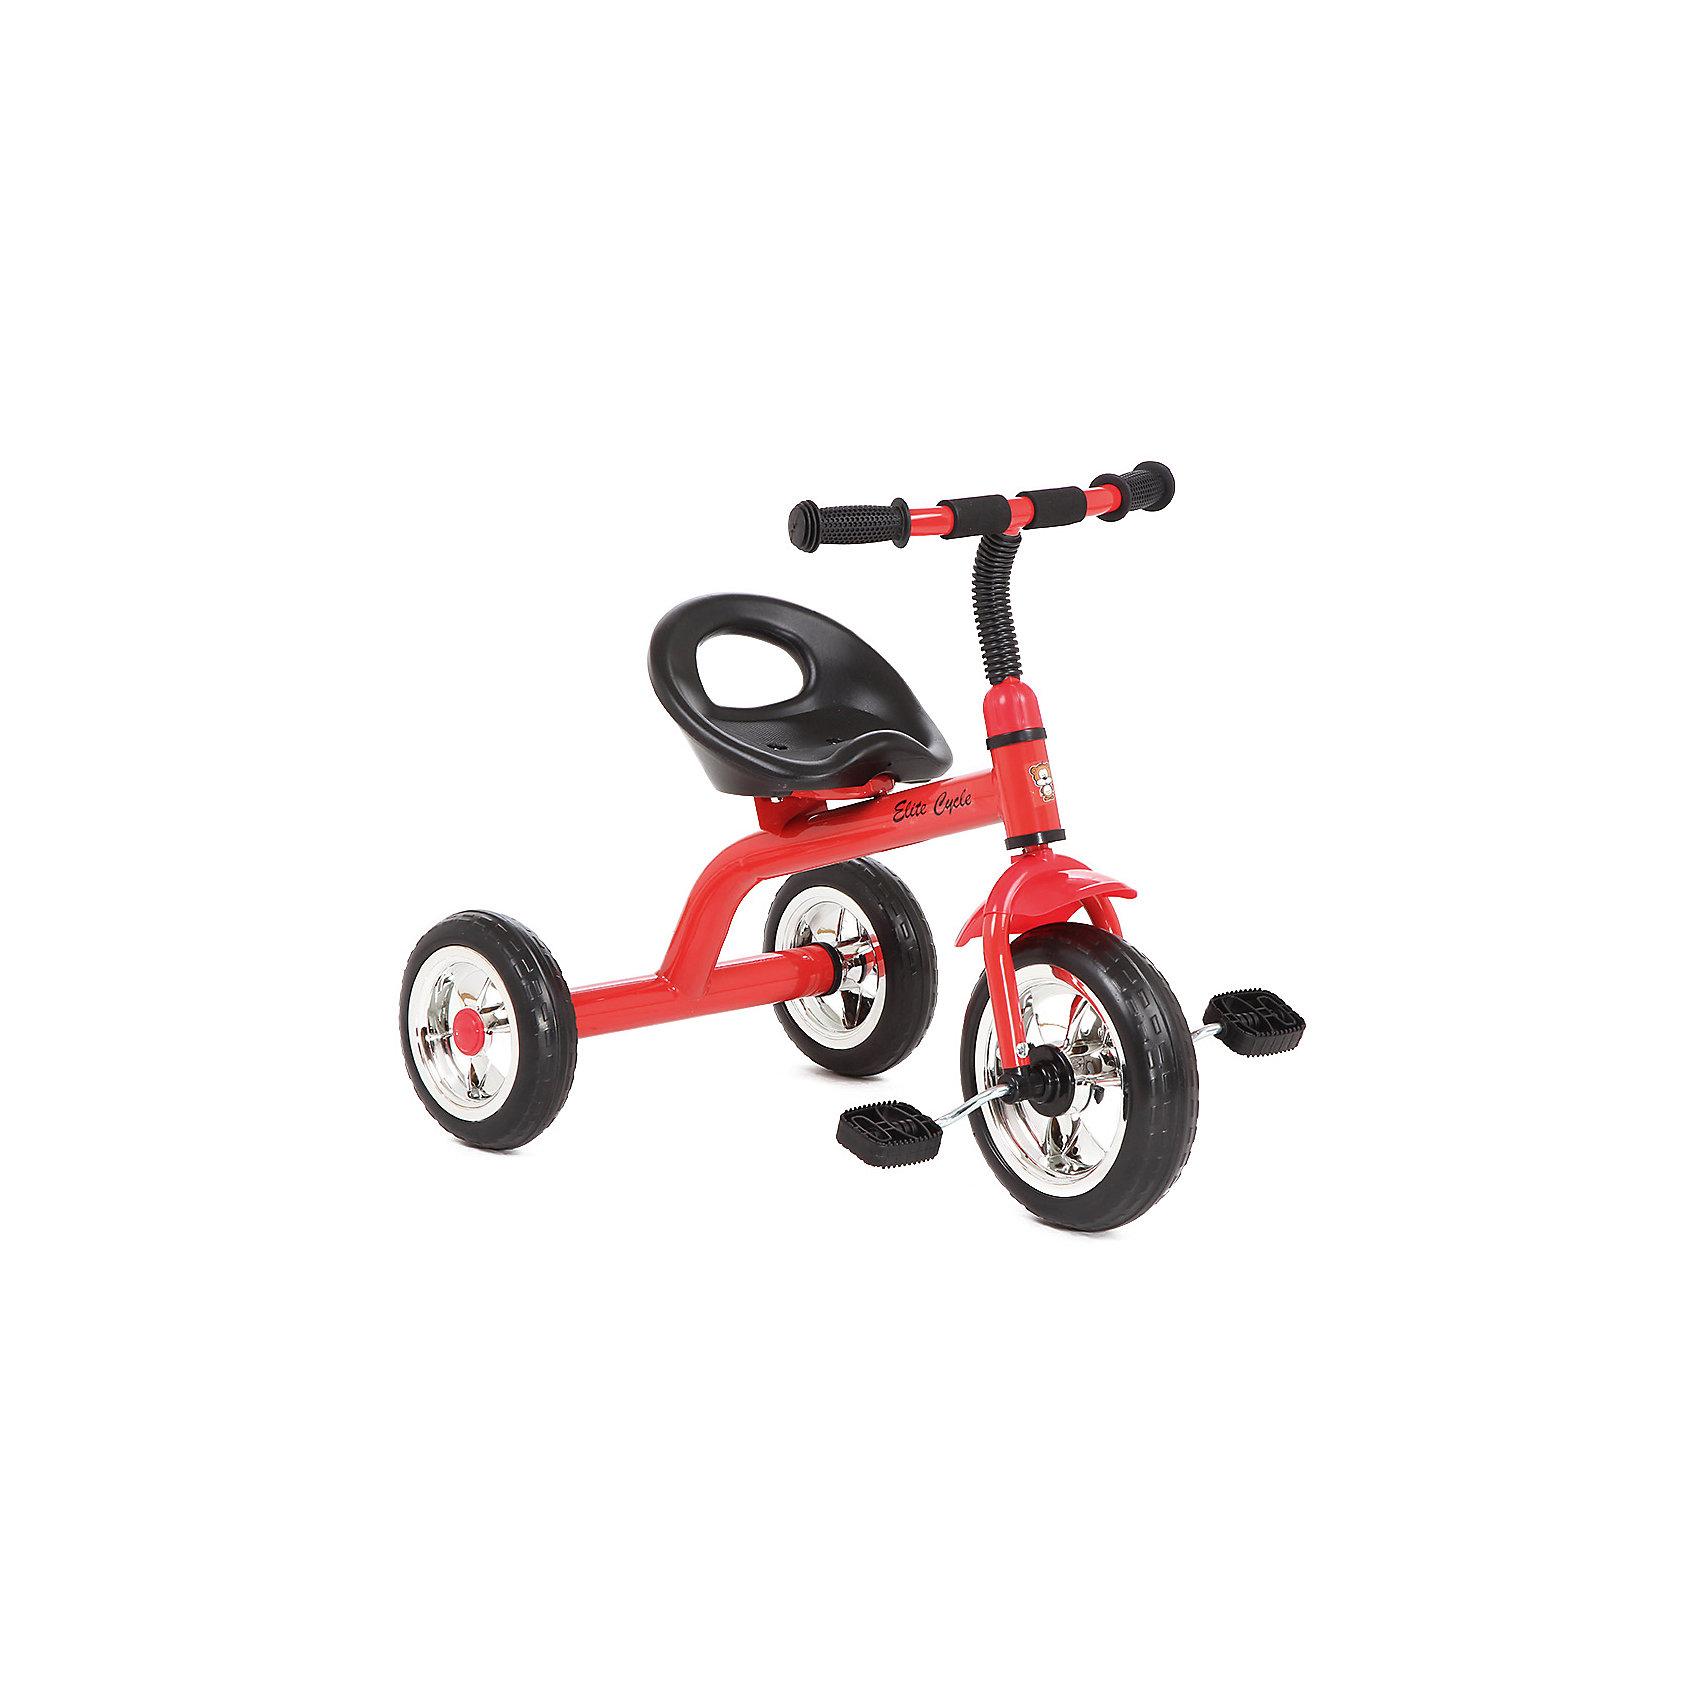 Велосипед трехколесный, красный, Элит